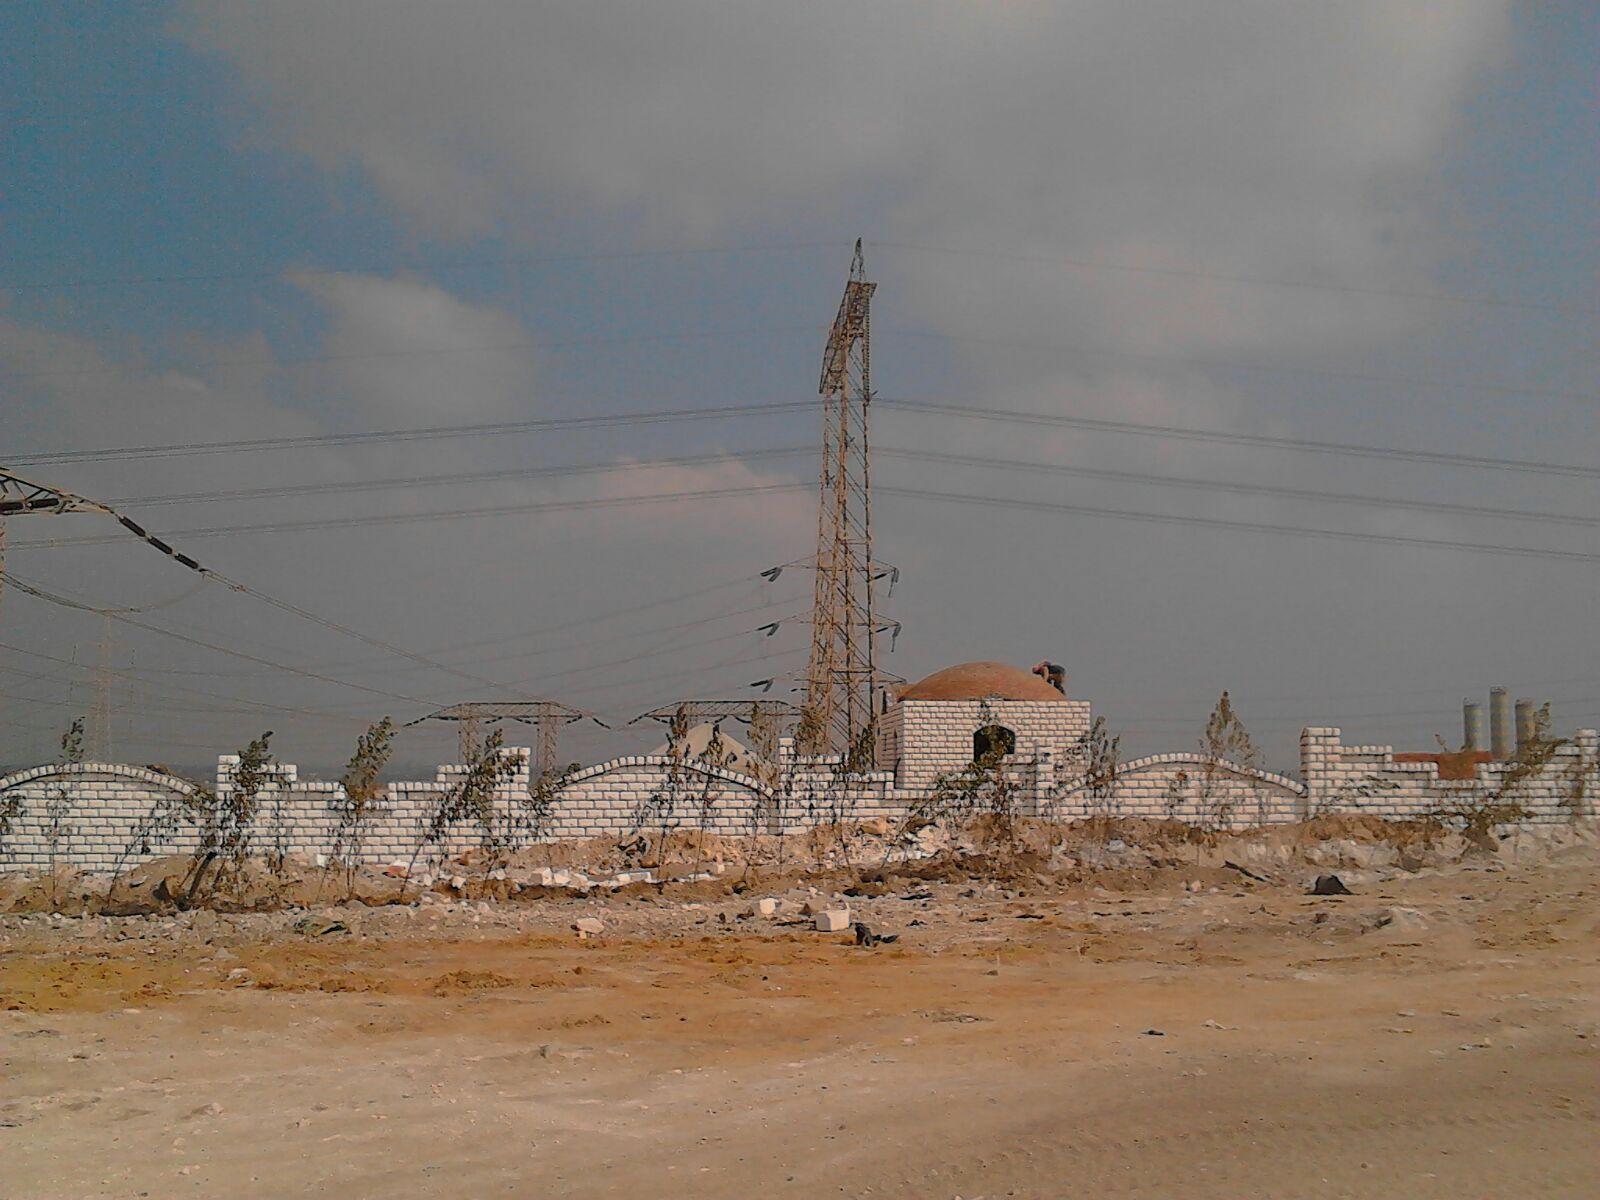 مهندس يحذر: أراضي للدولة تم الاستيلاء عليها والبناء أسفل أبراج الضغط العالي